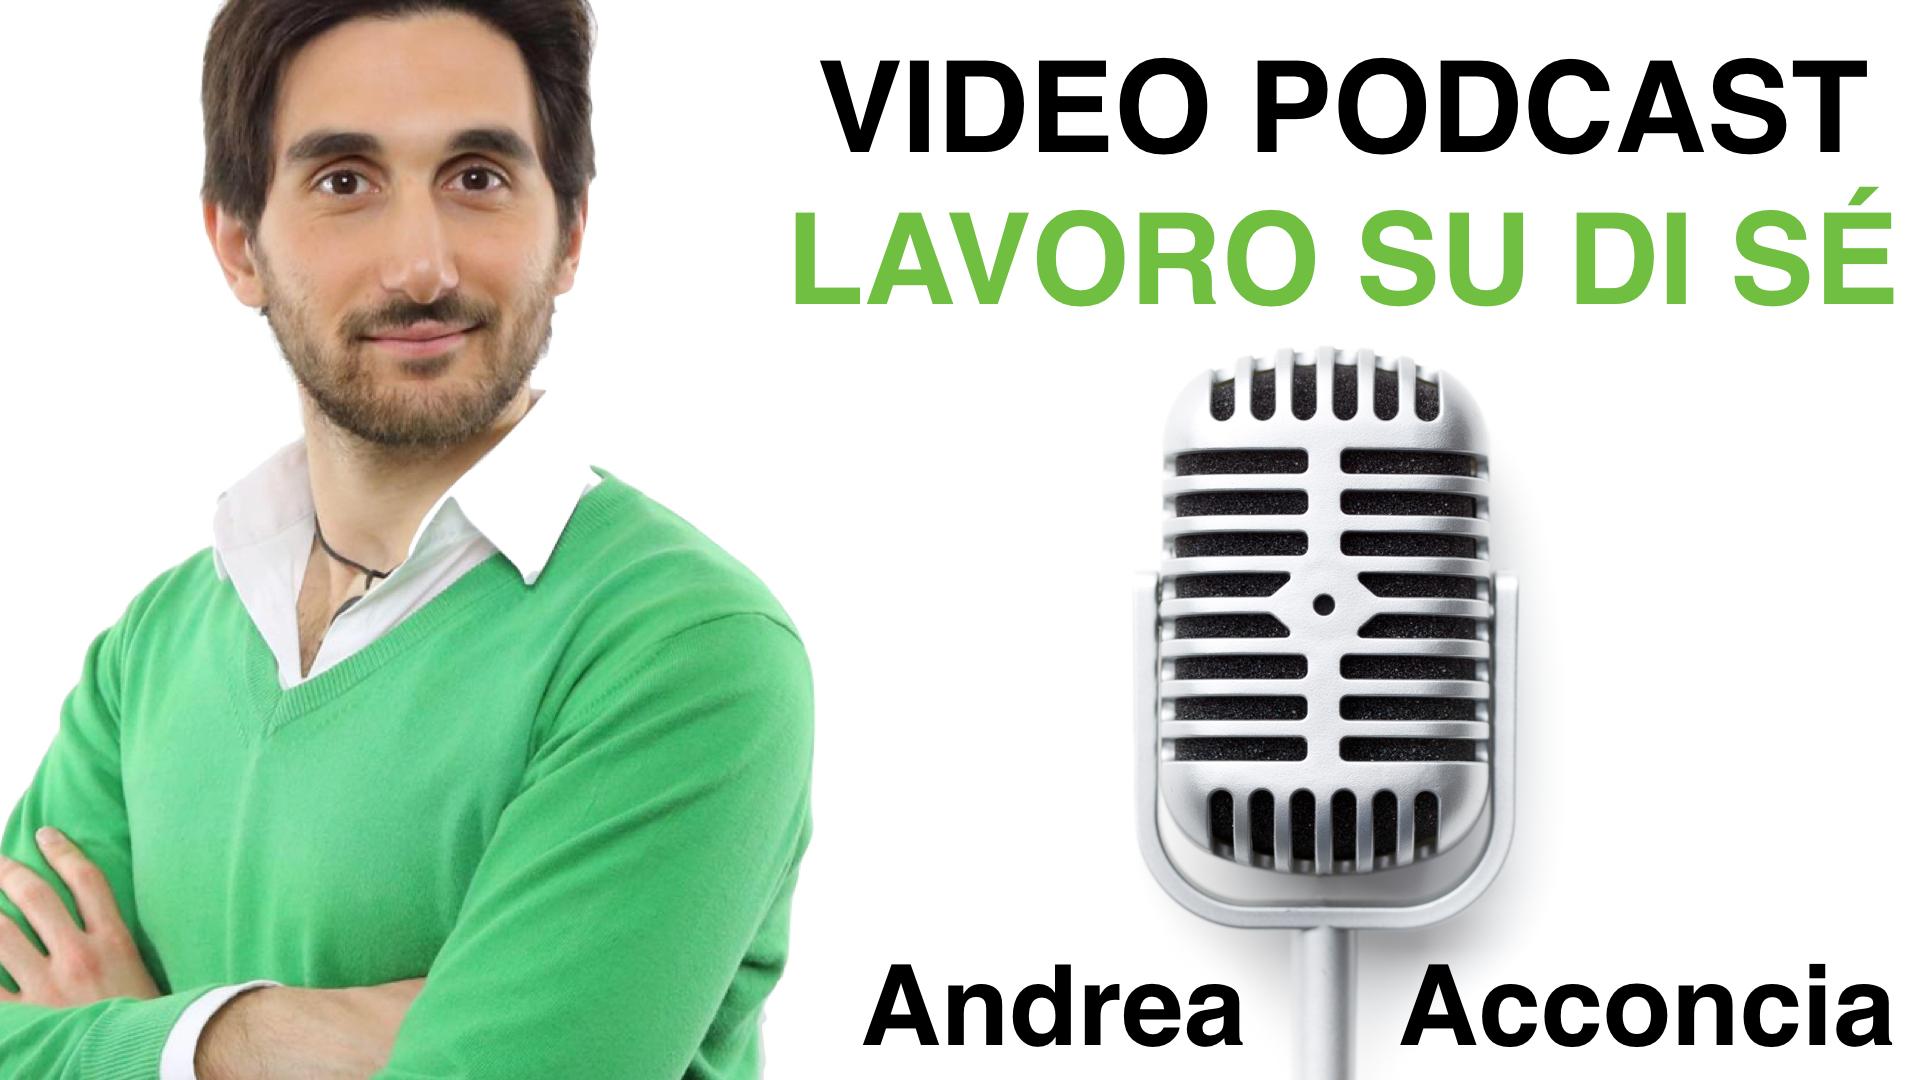 VIDEO PODCAST LAVORO SU DI SE.001 - VIDEO PODCAST LAVORO SU DI SE.001